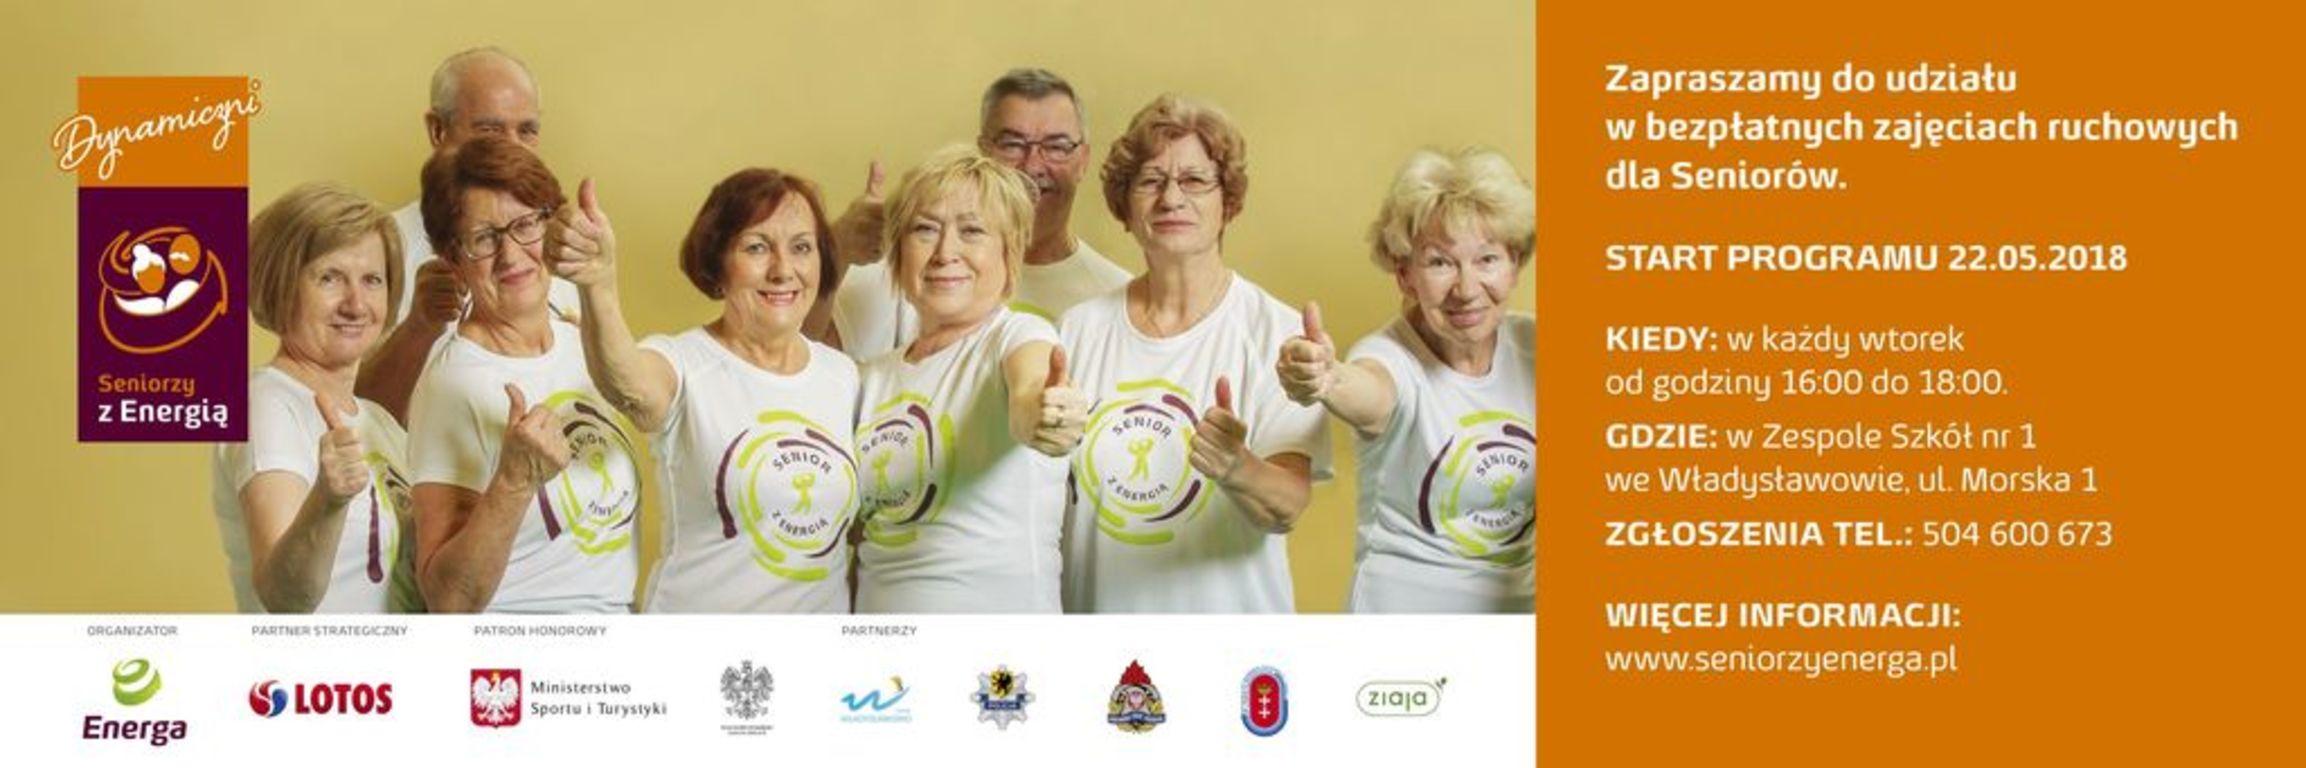 Dynamiczni Seniorzy z Energią (link otworzy duże zdjęcie)